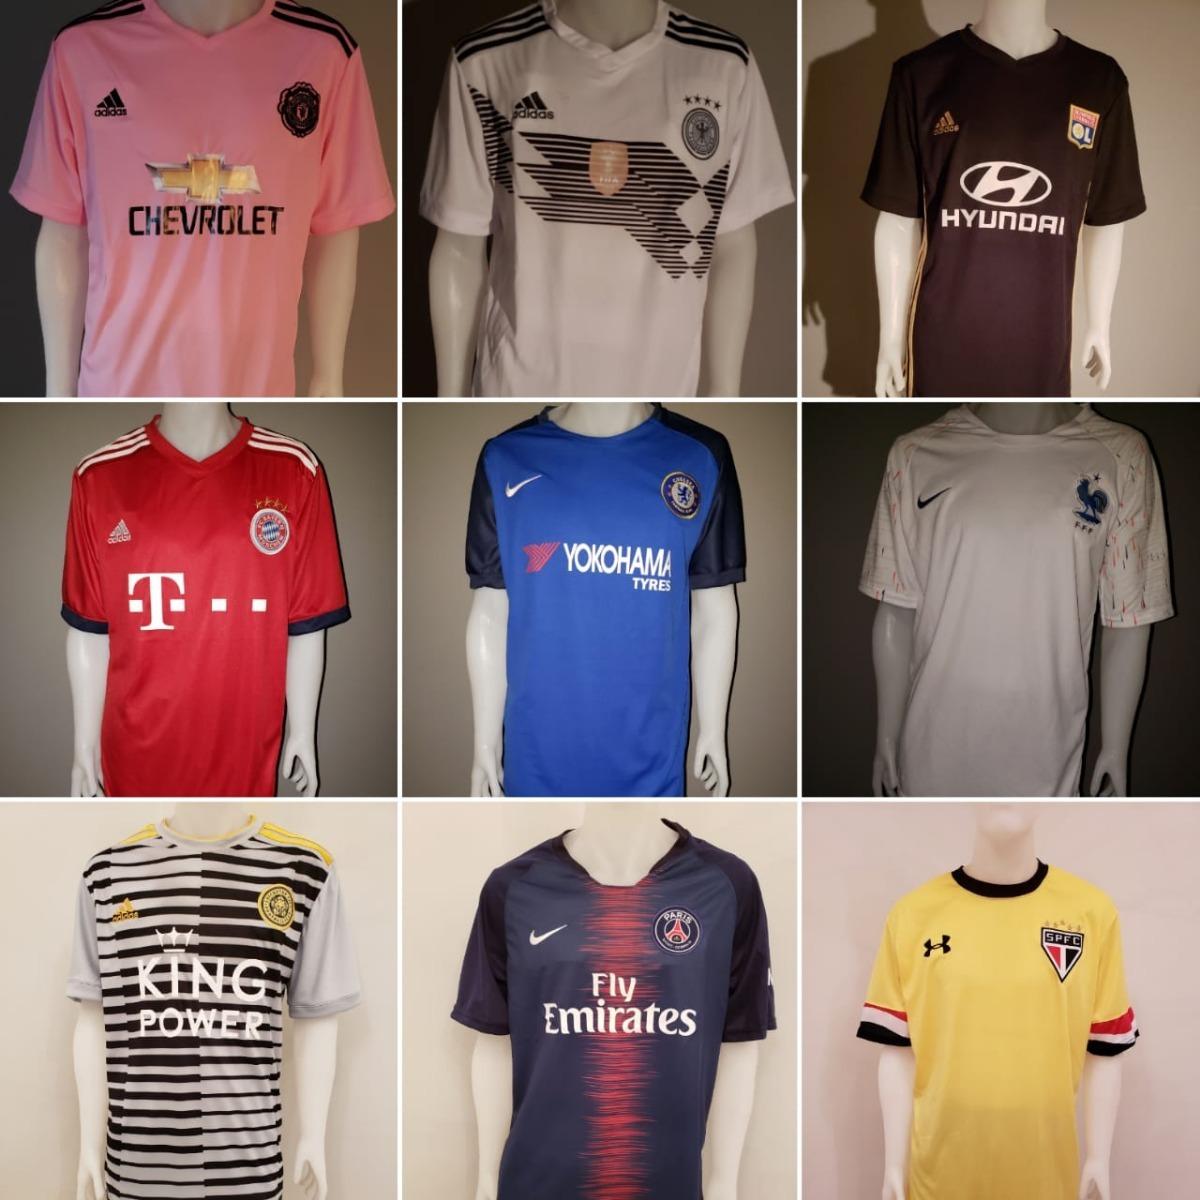 98934ac991290 camisetas con numero para equipos de futbol excelentes. Cargando zoom.